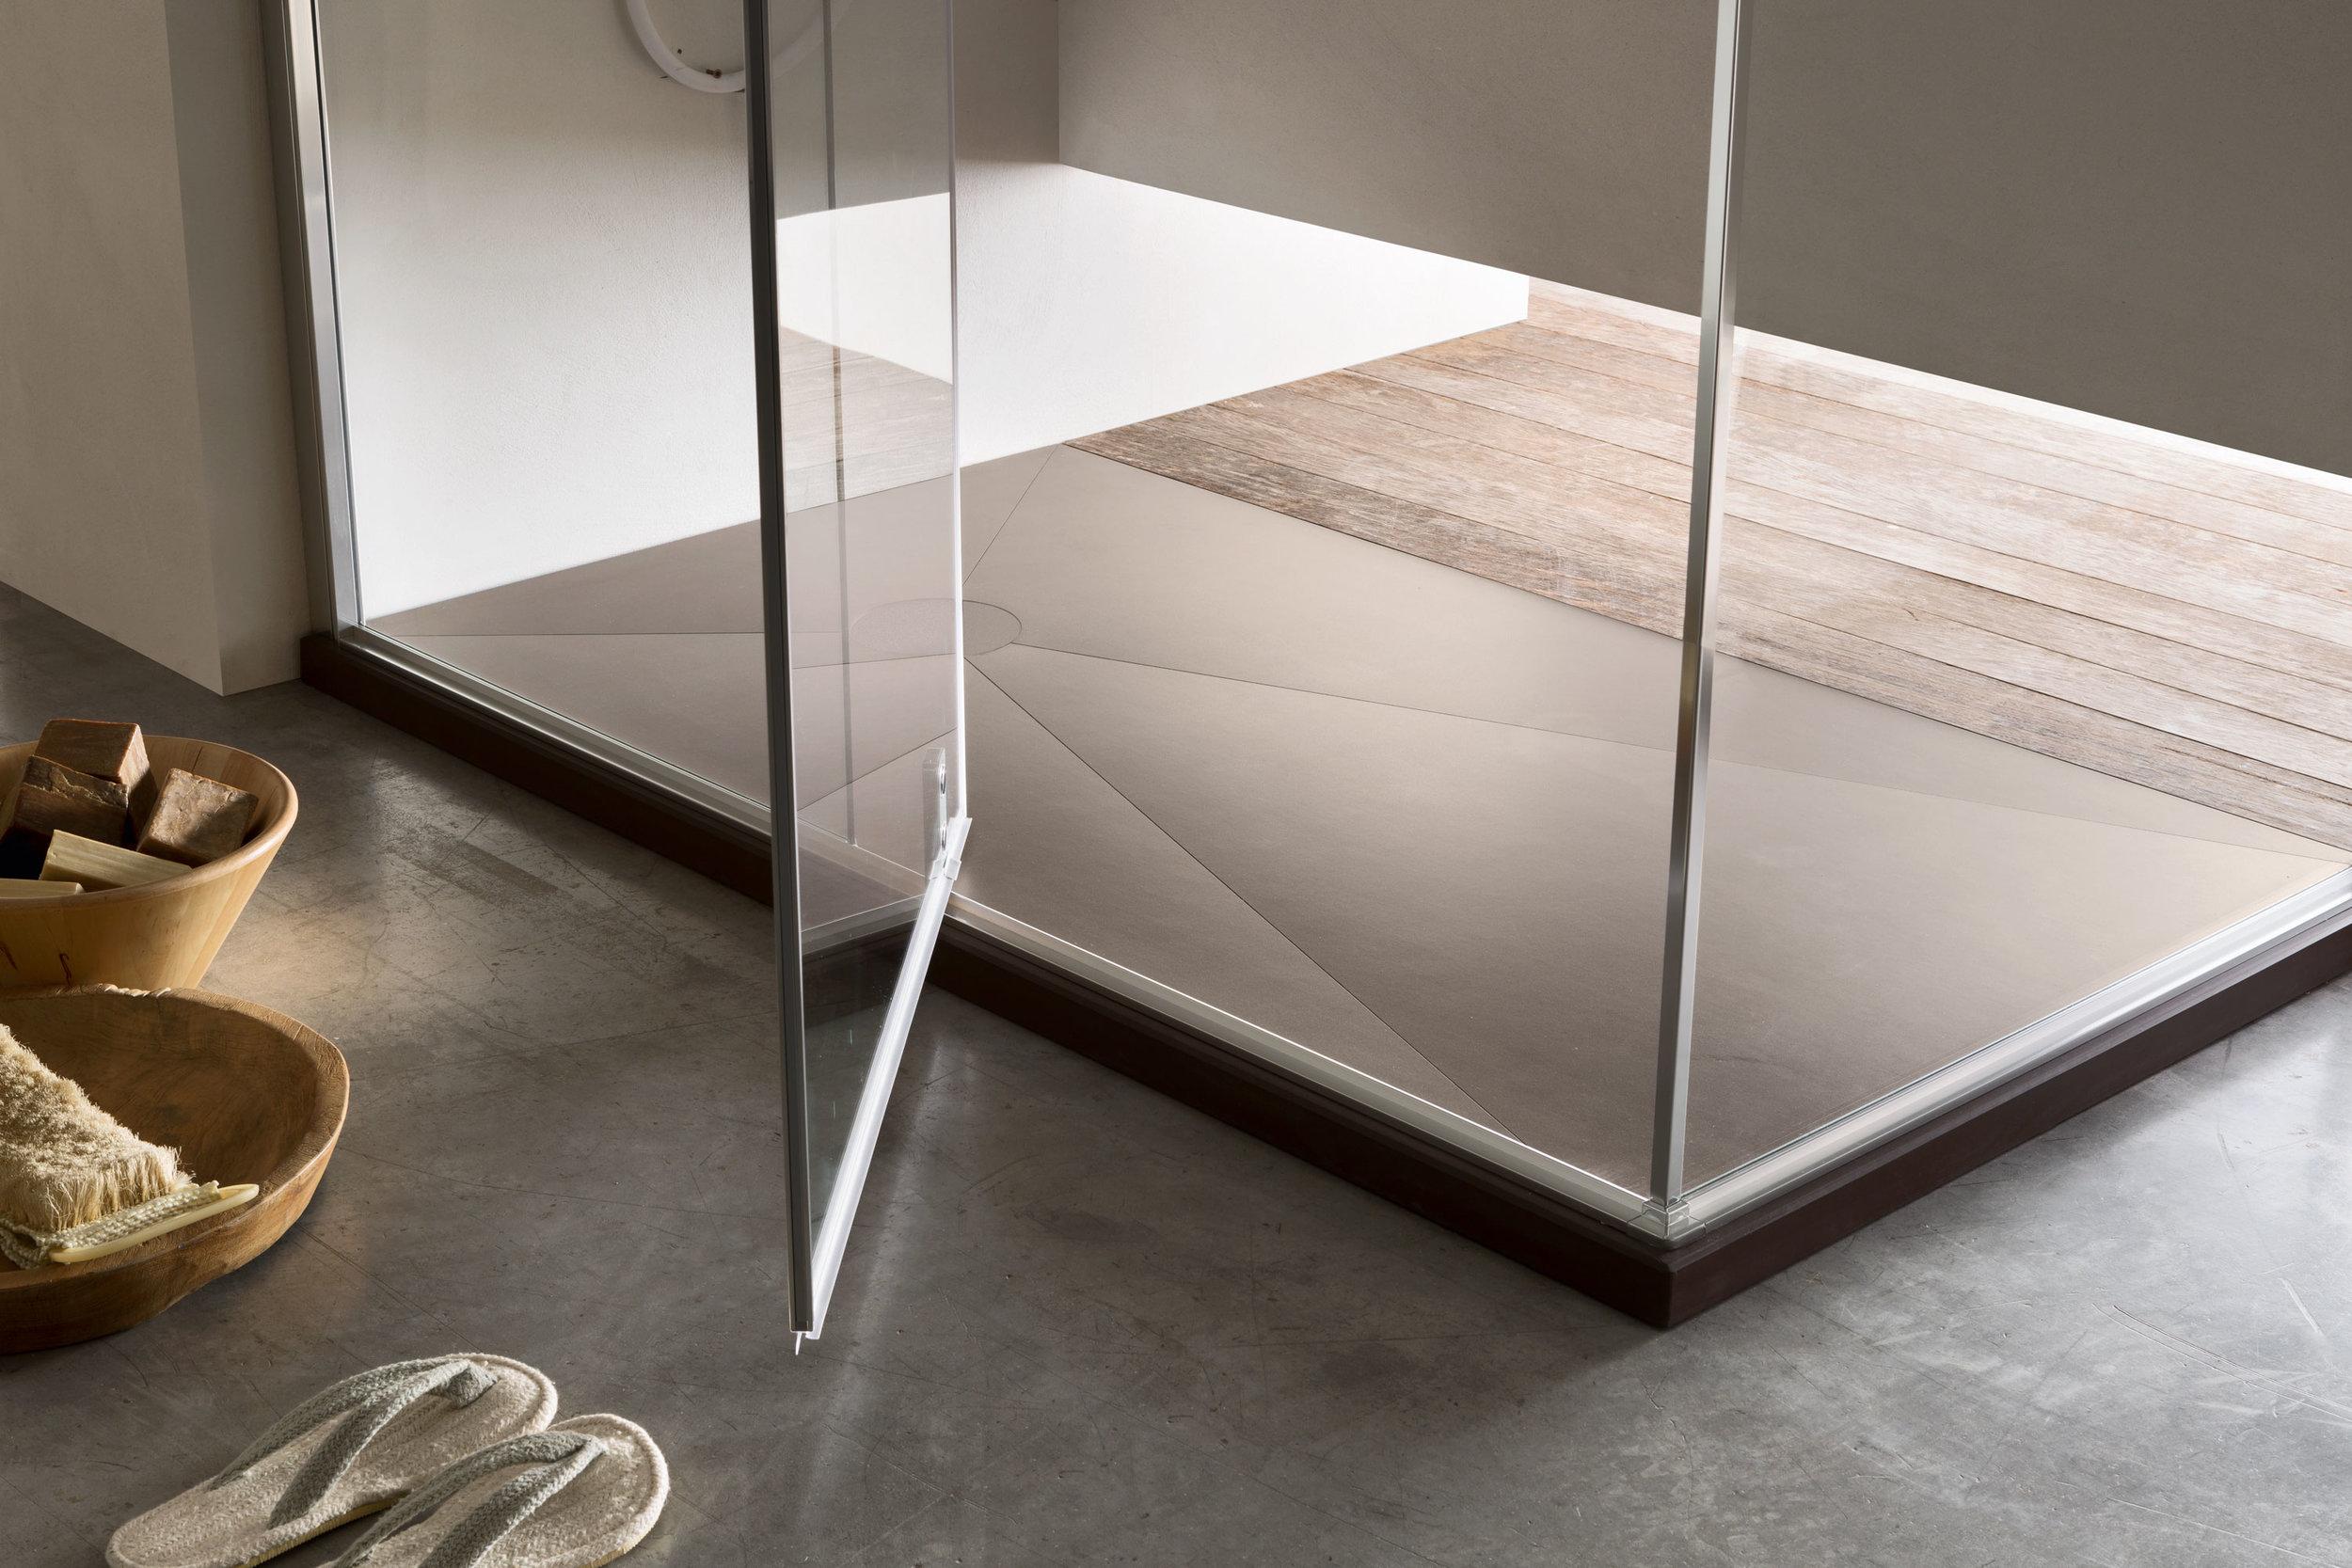 LAMINAM/GRES* - Il fascino del laminam e del gres in diverse colorazioni, per un piatto minimale di grande effetto. Le diverse finiture, semplici o ricercate, sono abbinabili ai piani top dell'arredo bagno.